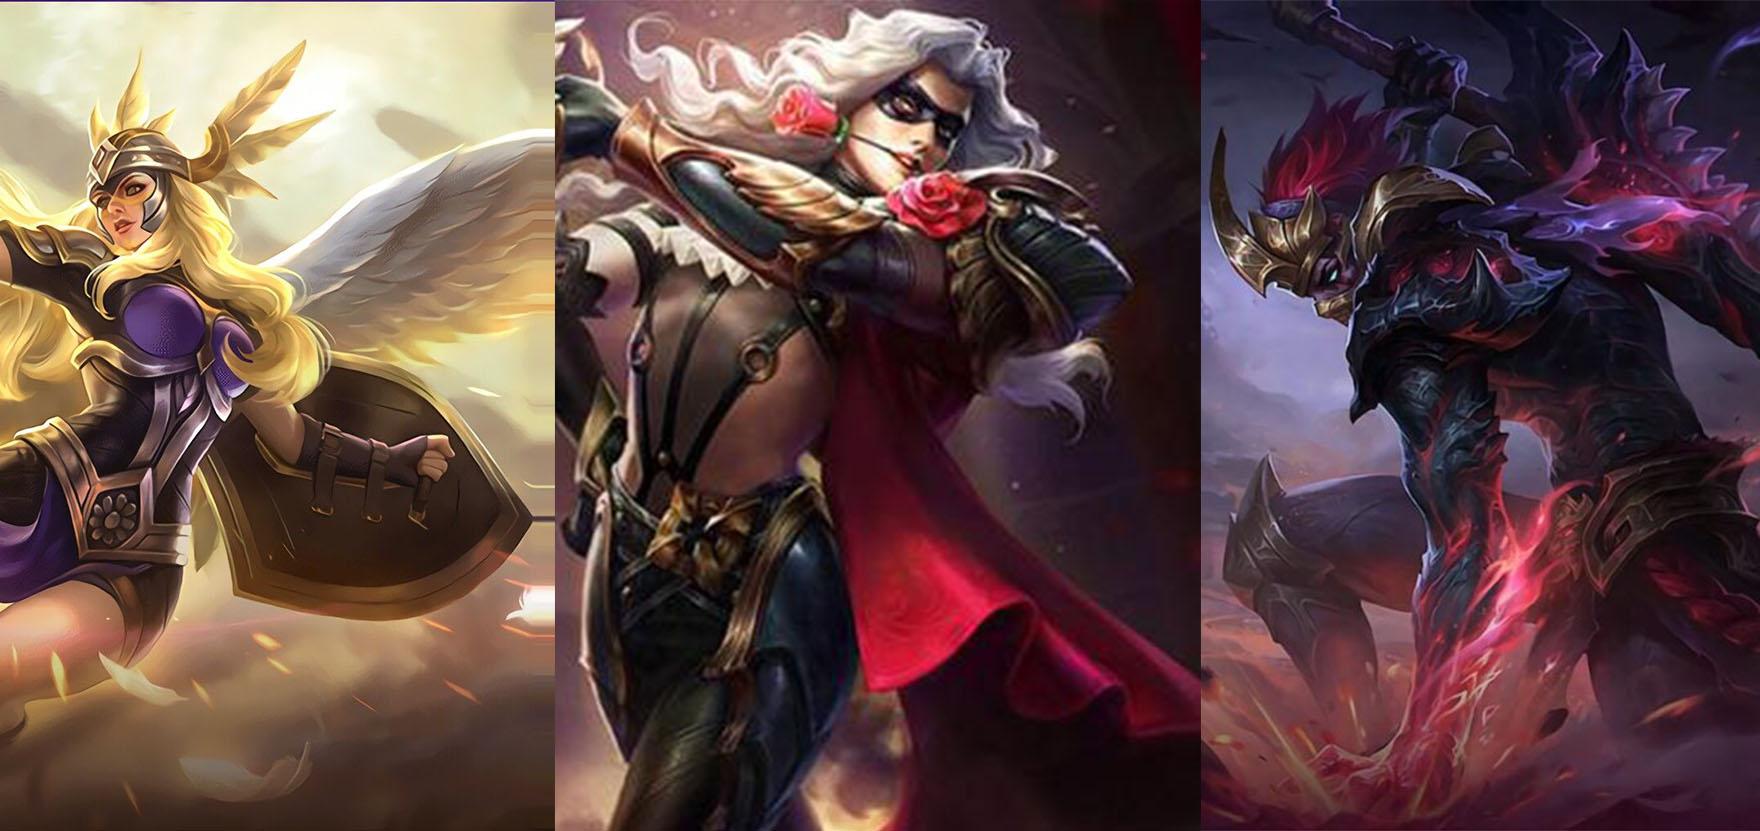 3 Hero Mobile Legends Yang Diremehkan Ini Dapatkan Revamp